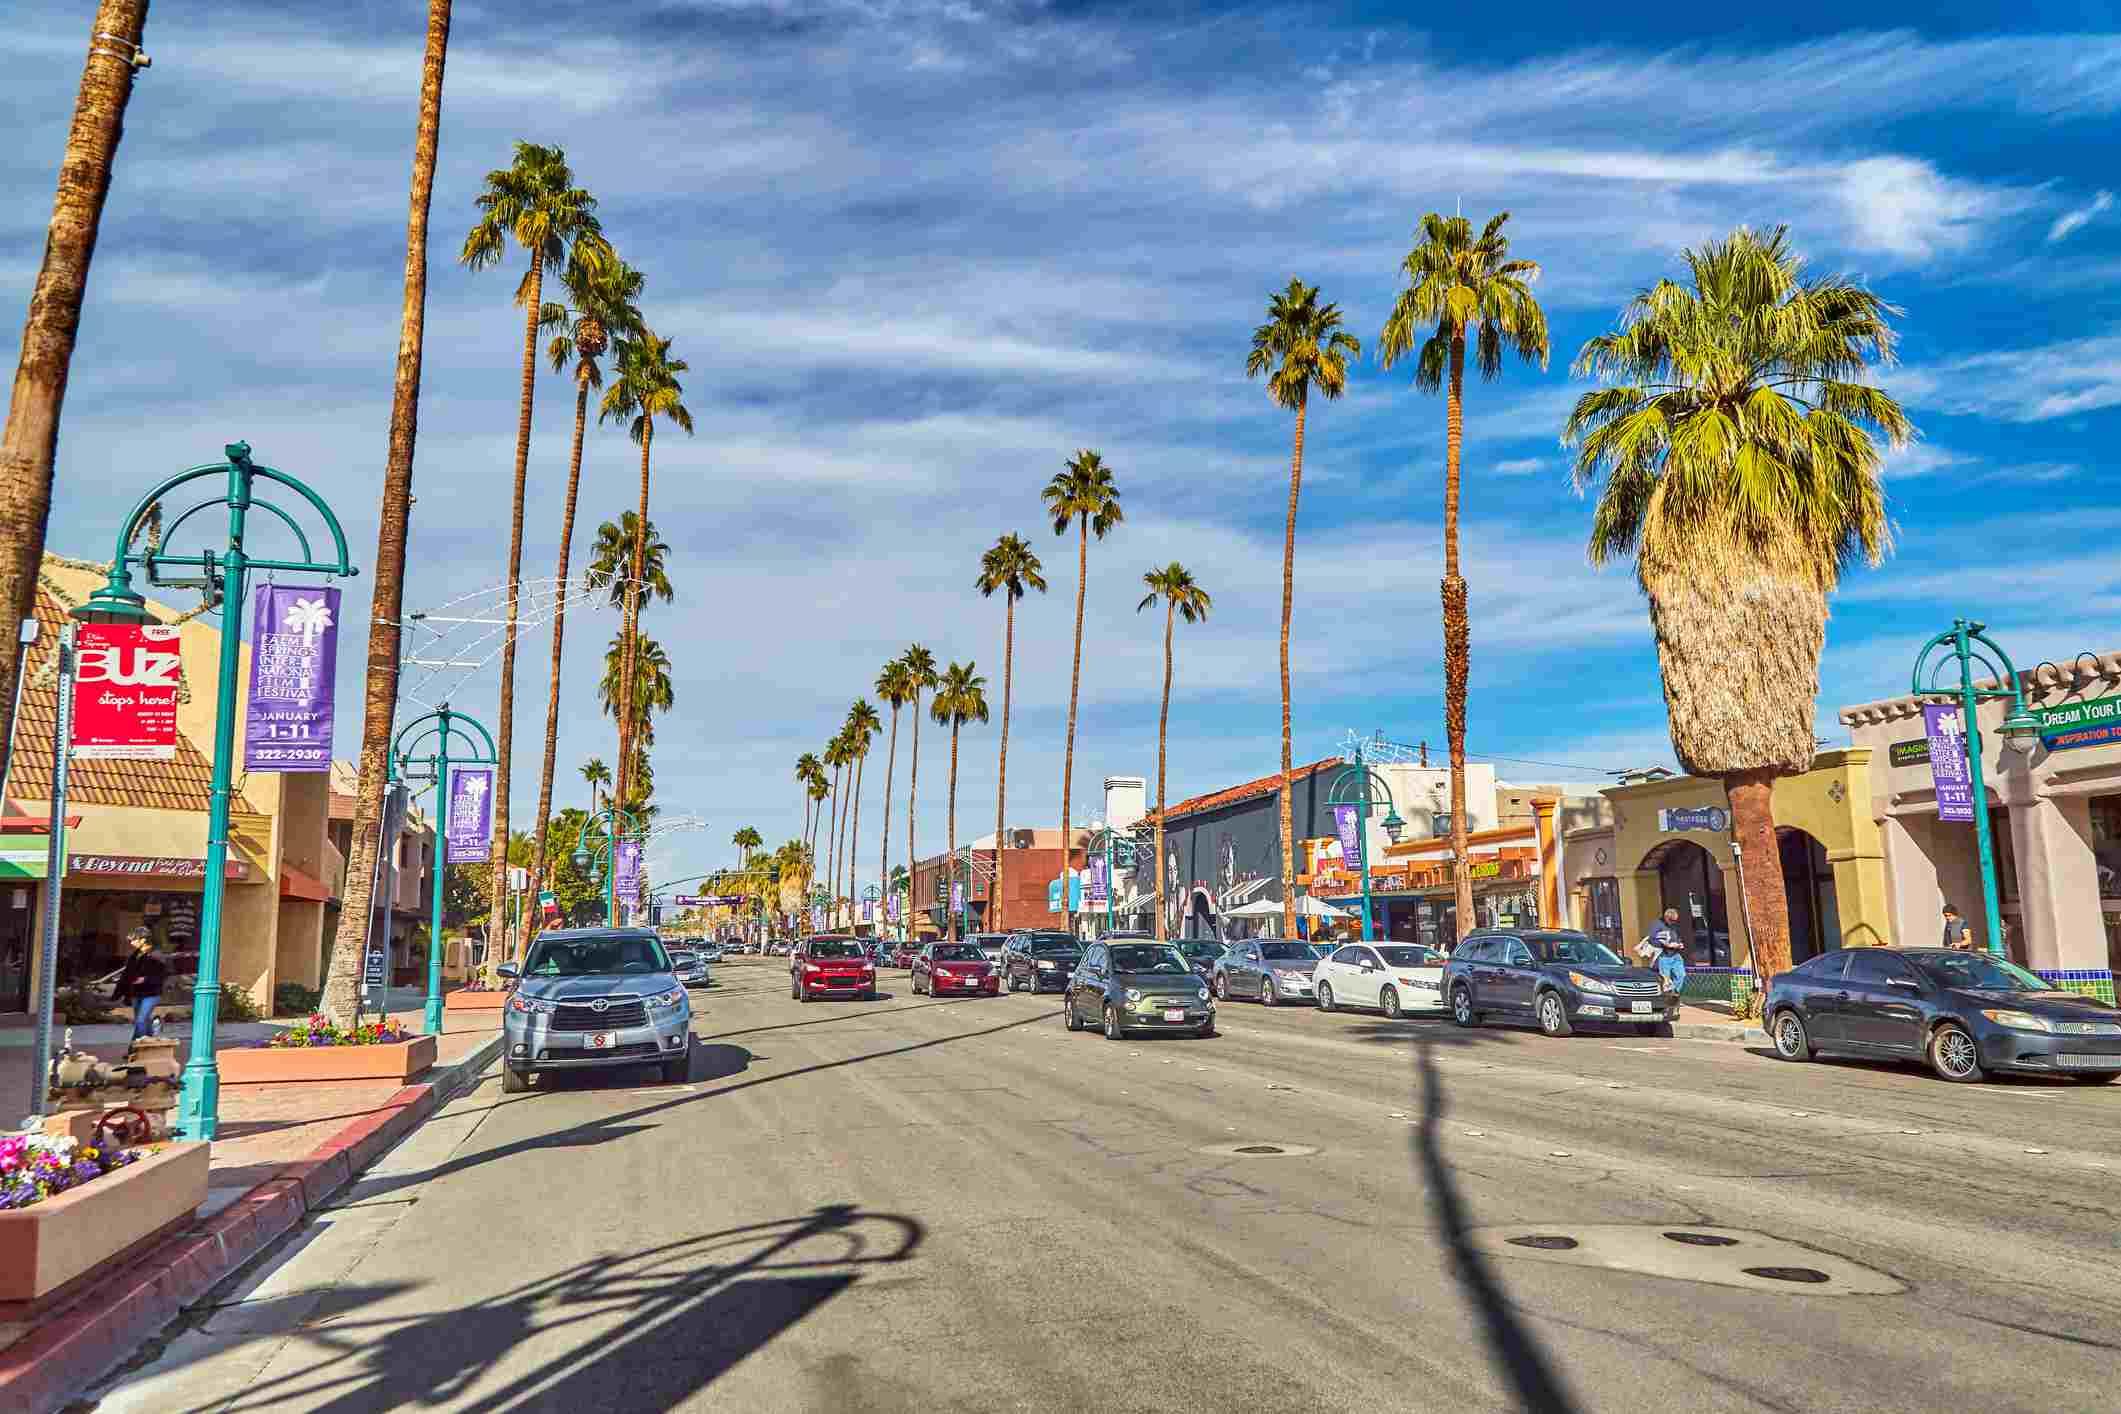 Voľná rýchlosť datovania v Orange County